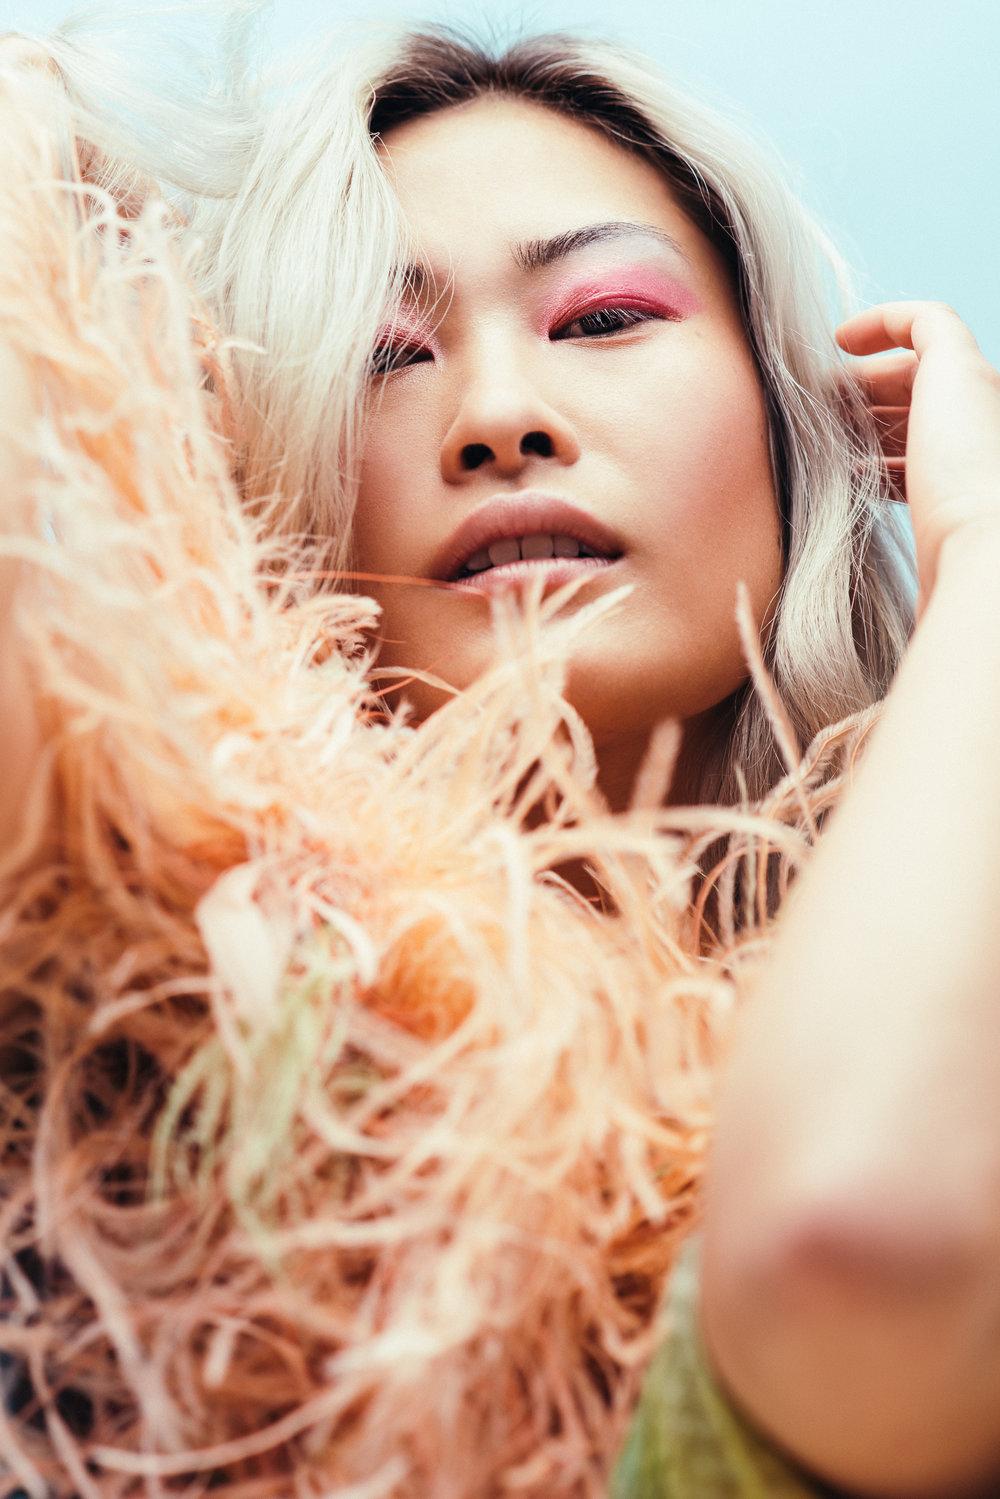 Augusta_Sagnelli_fashion_editorial-12.jpg